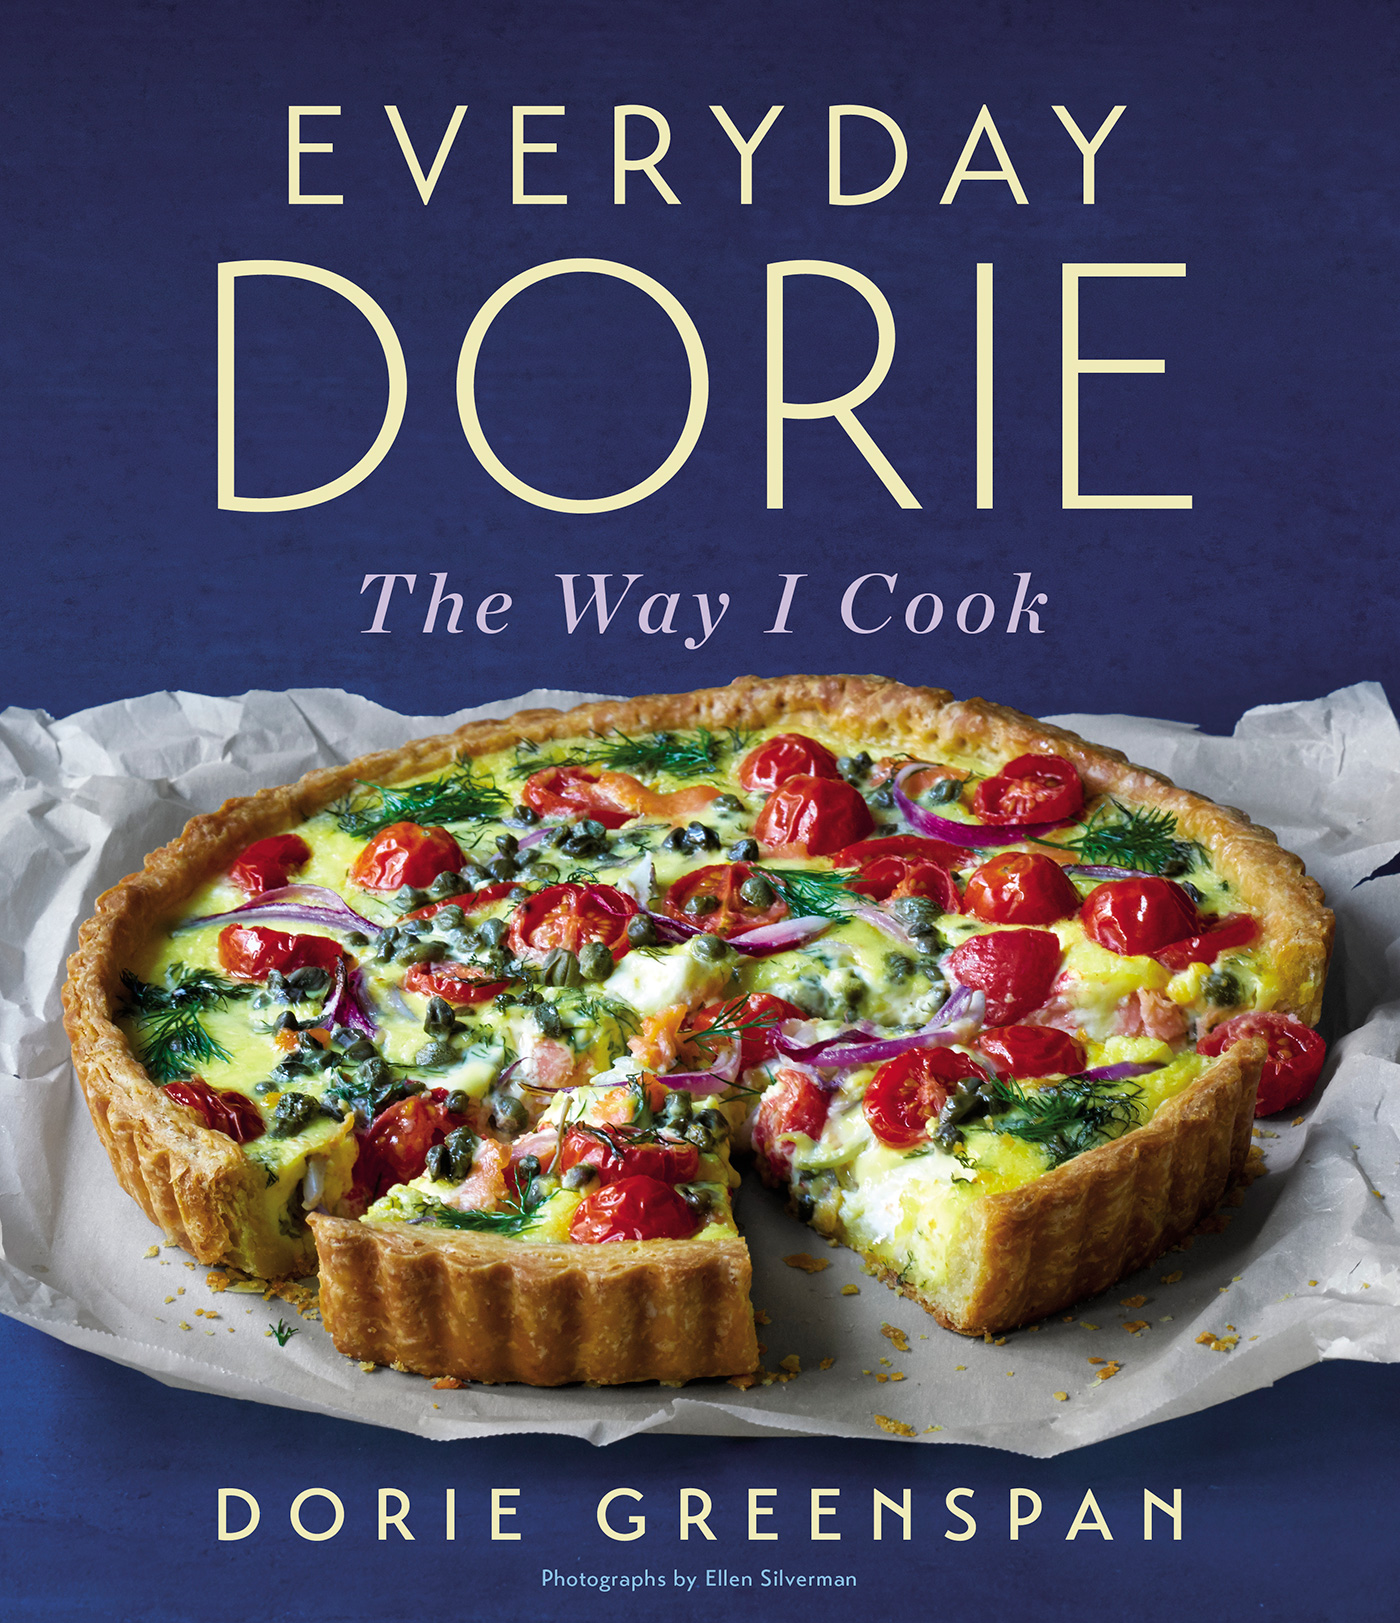 Everyday Dorie Cover.jpg